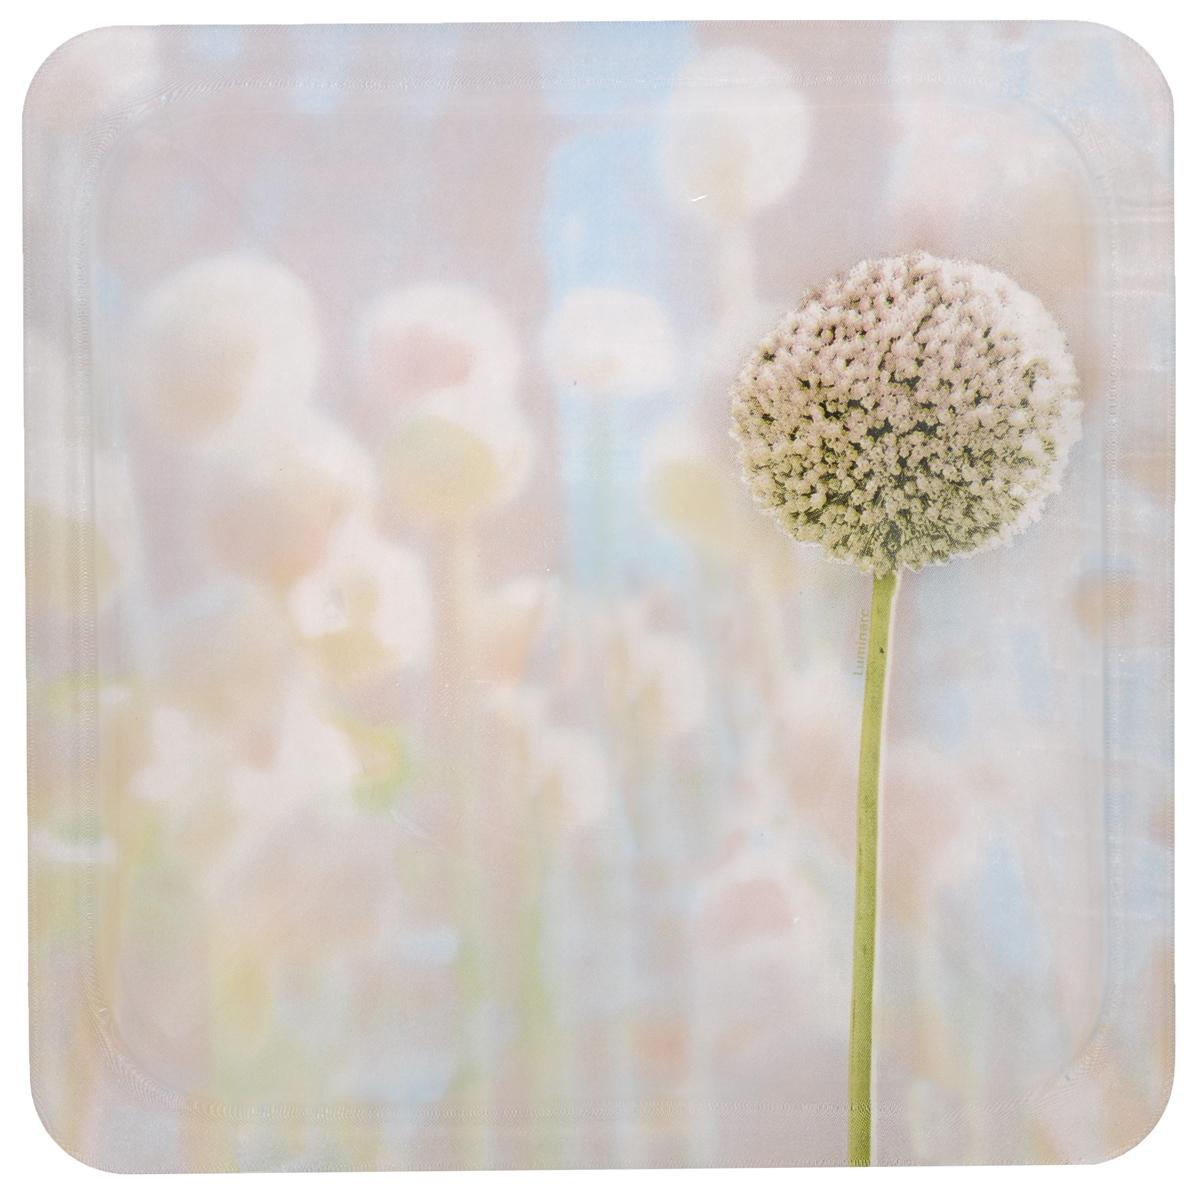 Тарелка Luminarc Eternal Spring, 25 см х 25 смH7255Тарелка Luminarc Eternal Spring, декорированная нежным цветочным рисунком, изготовлена из высококачественного ударопрочного стекла. Изделие устойчиво к повреждениям и истиранию, в процессе эксплуатации не впитывает запахи и сохраняет первоначальные краски. Посуда Luminarc обладает не только высокими техническими характеристиками, но и красивым эстетичным дизайном. Luminarc - это современная, красивая, практичная столовая посуда. Такая тарелка идеально подходит для красивой сервировки закусок и нарезок. Можно использовать в СВЧ и мыть в посудомоечной машине.